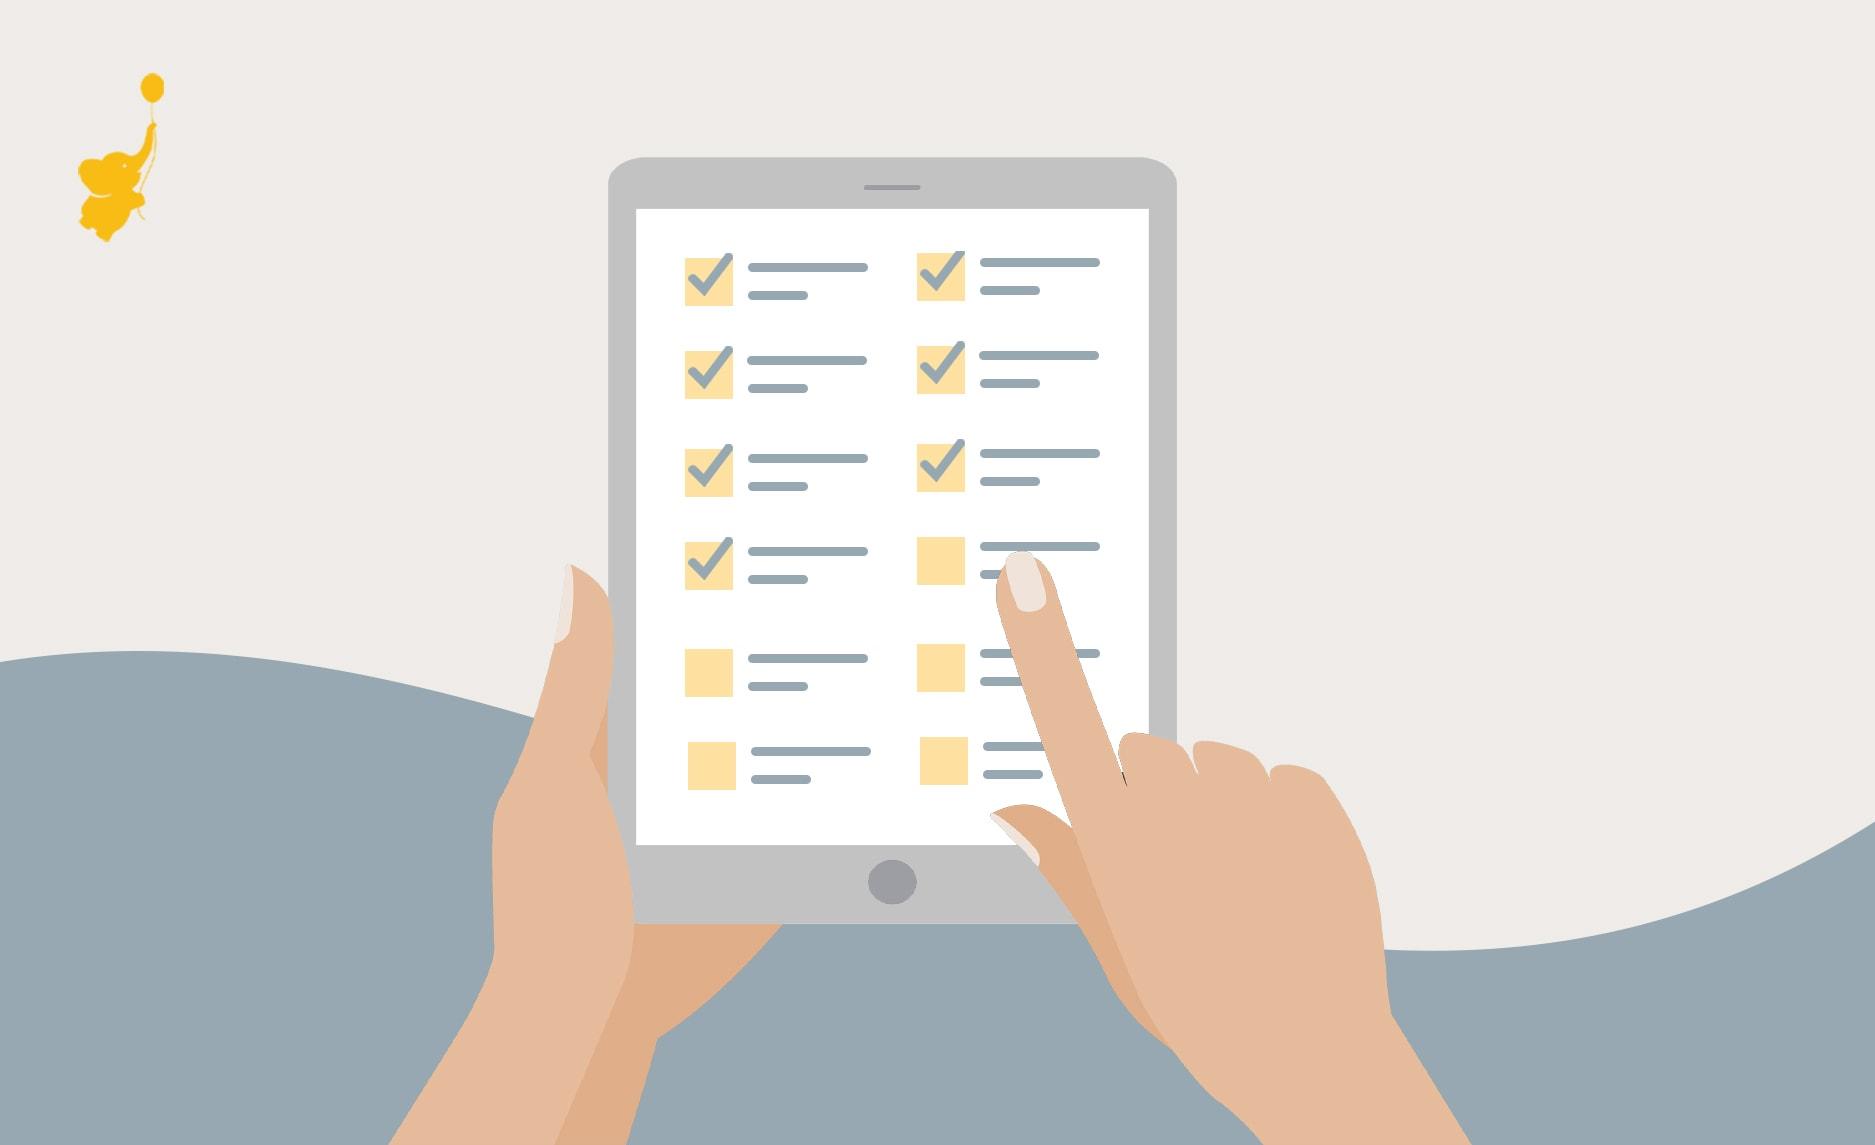 WebBabyShower header image 31 virtual baby shower checklist